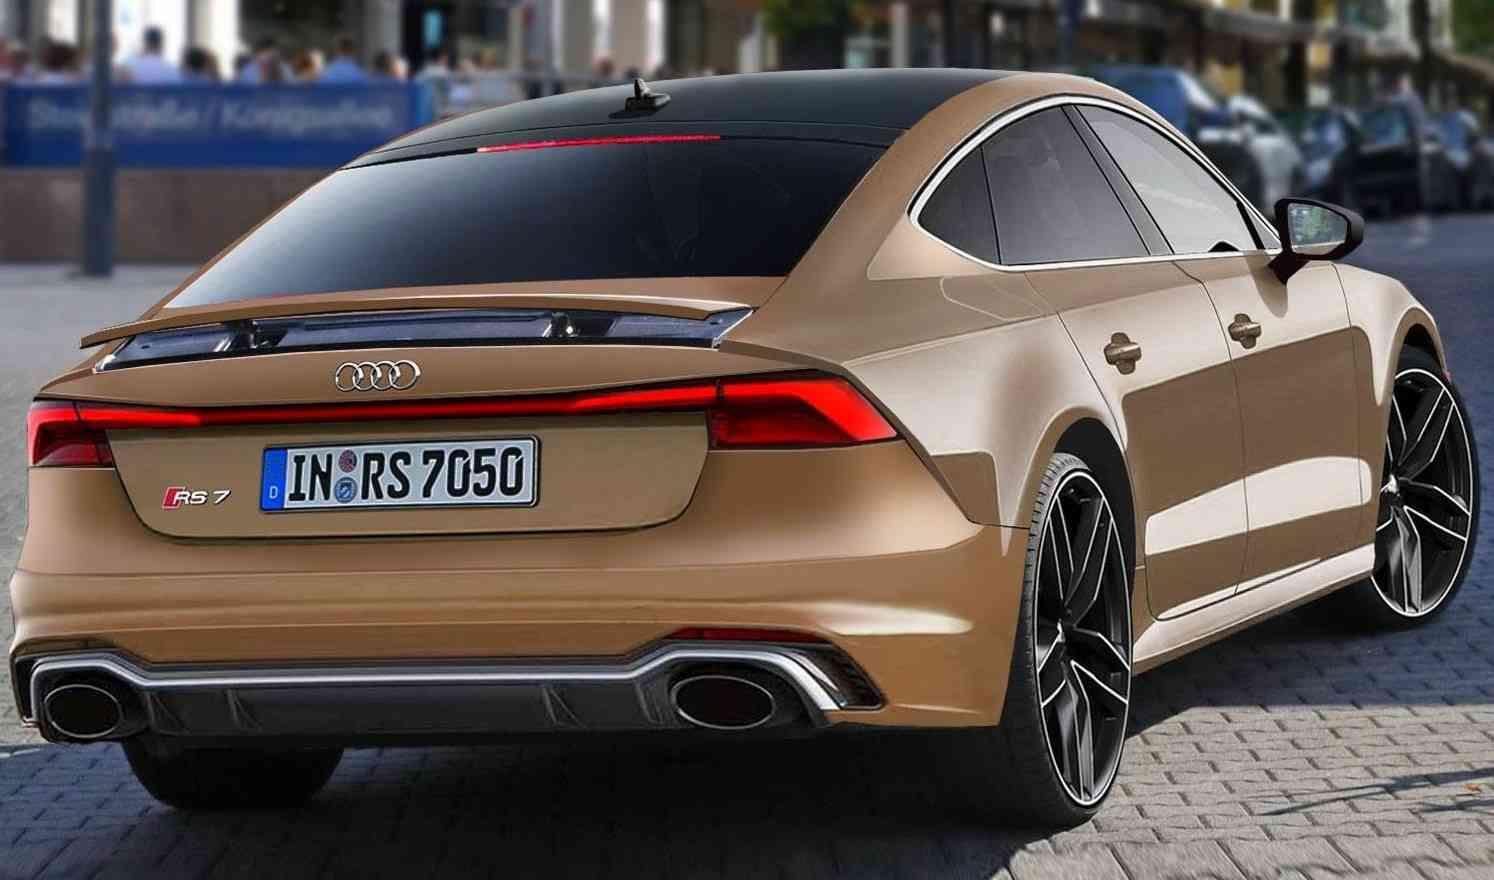 Kelebihan Audi A9 2019 Perbandingan Harga